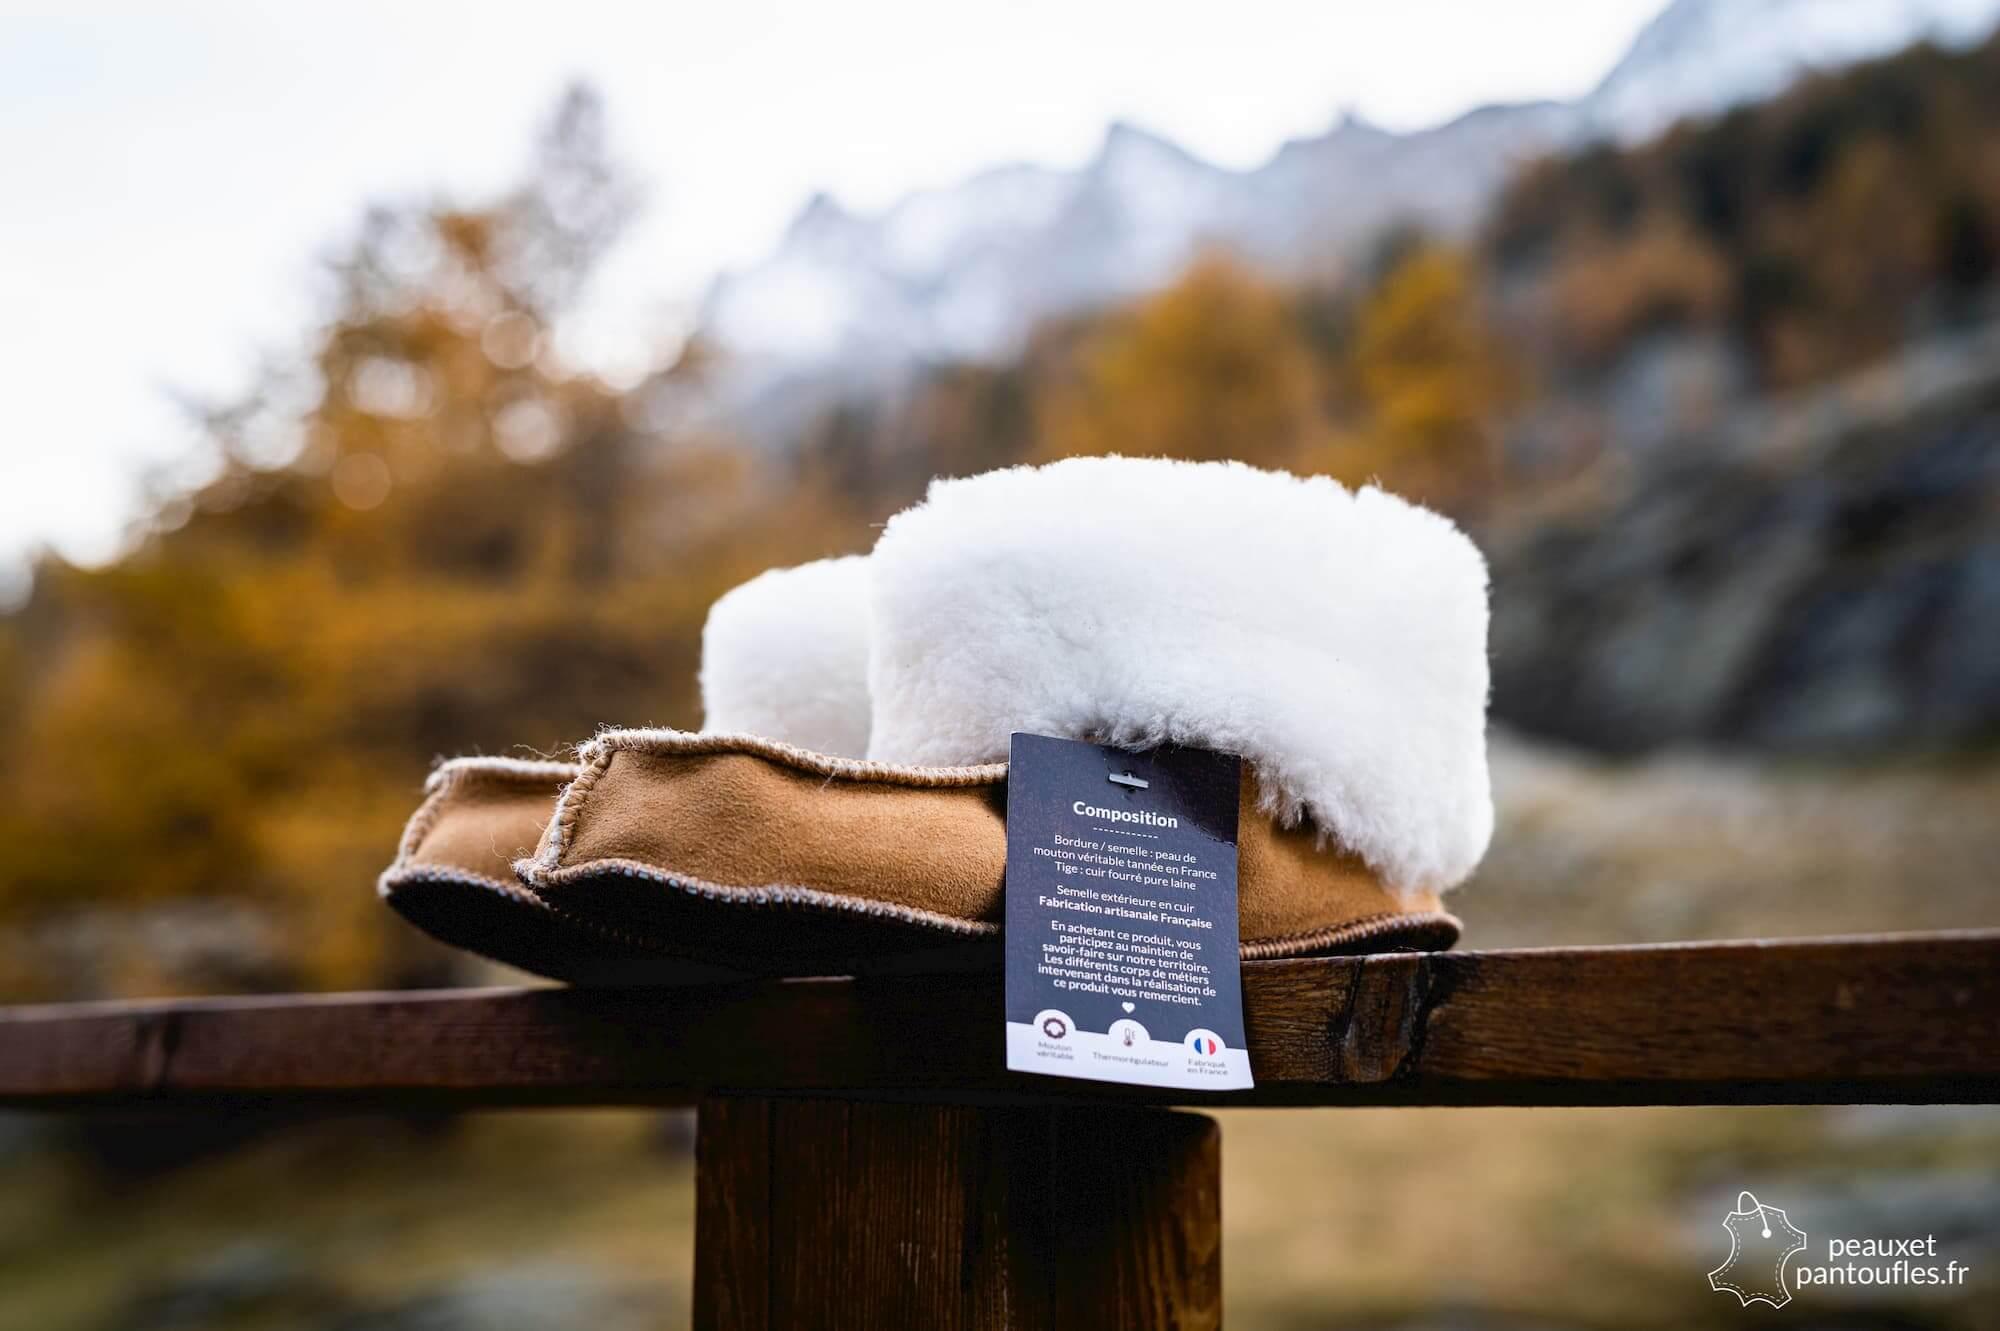 photographie packshot produits chaussons peau de mouton artisanat français peaux et pantoufles Normandie Designatic